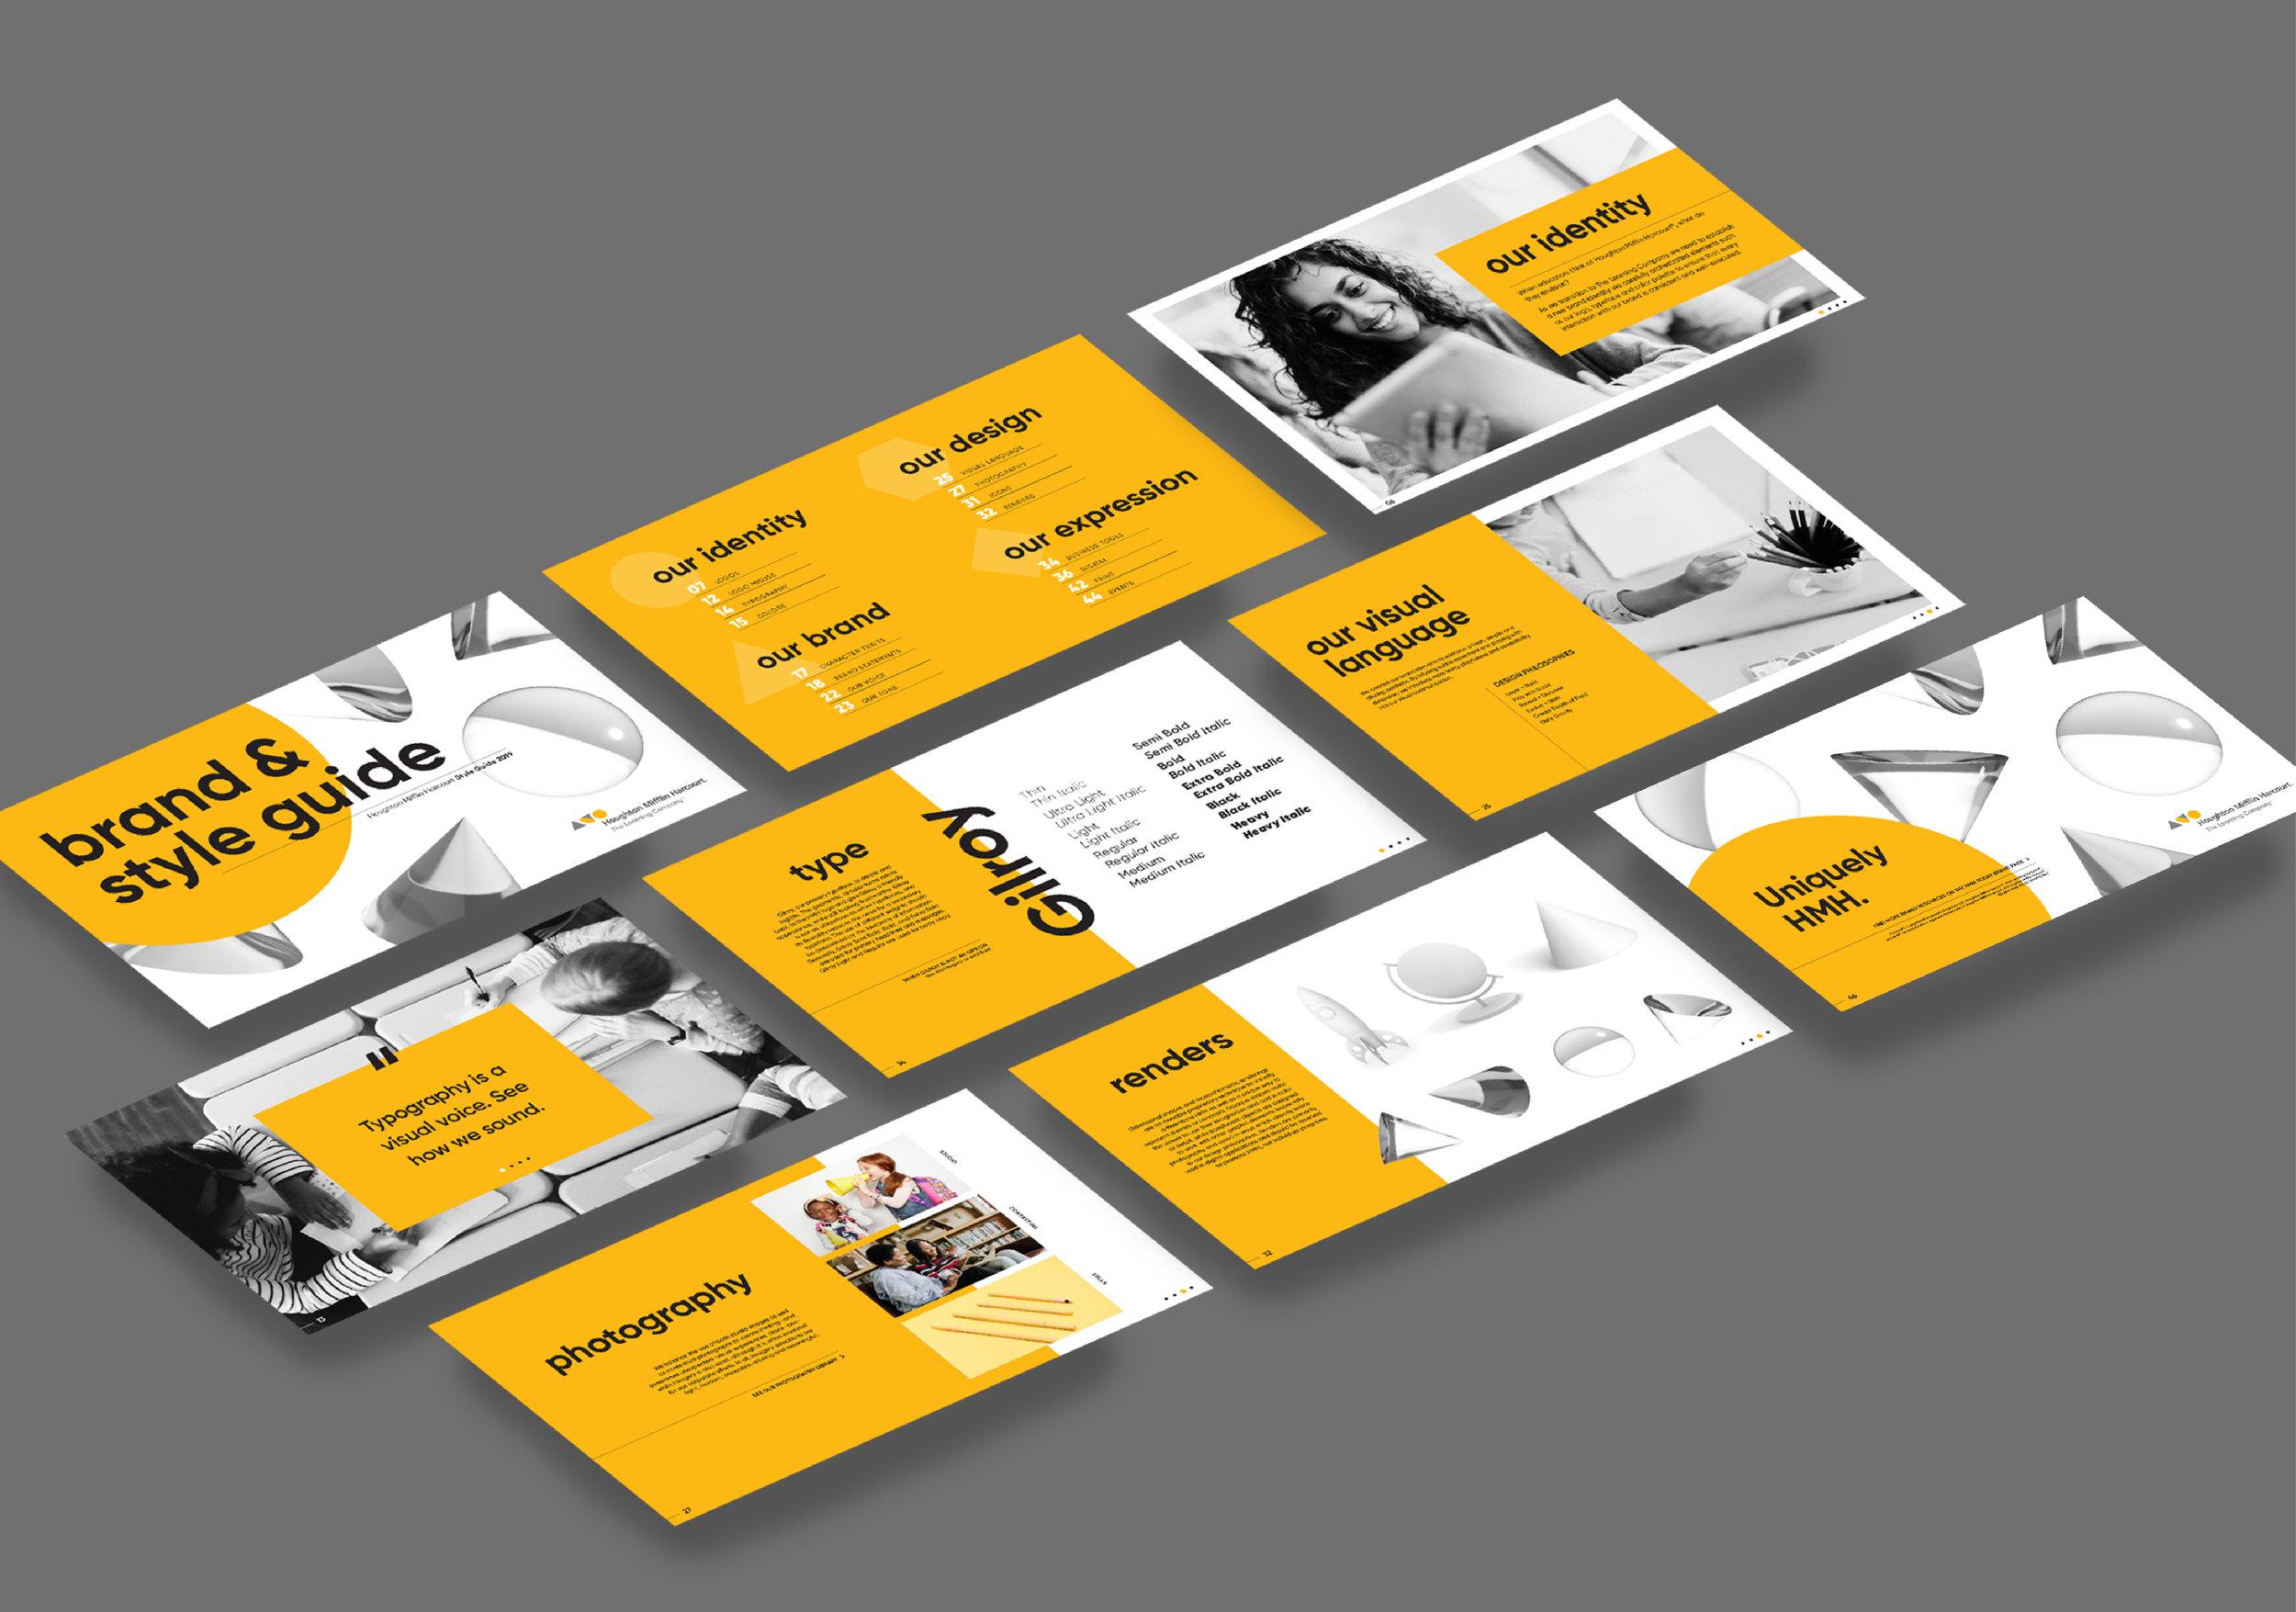 Designer_Showcase_AR_StyleGuide.jpg